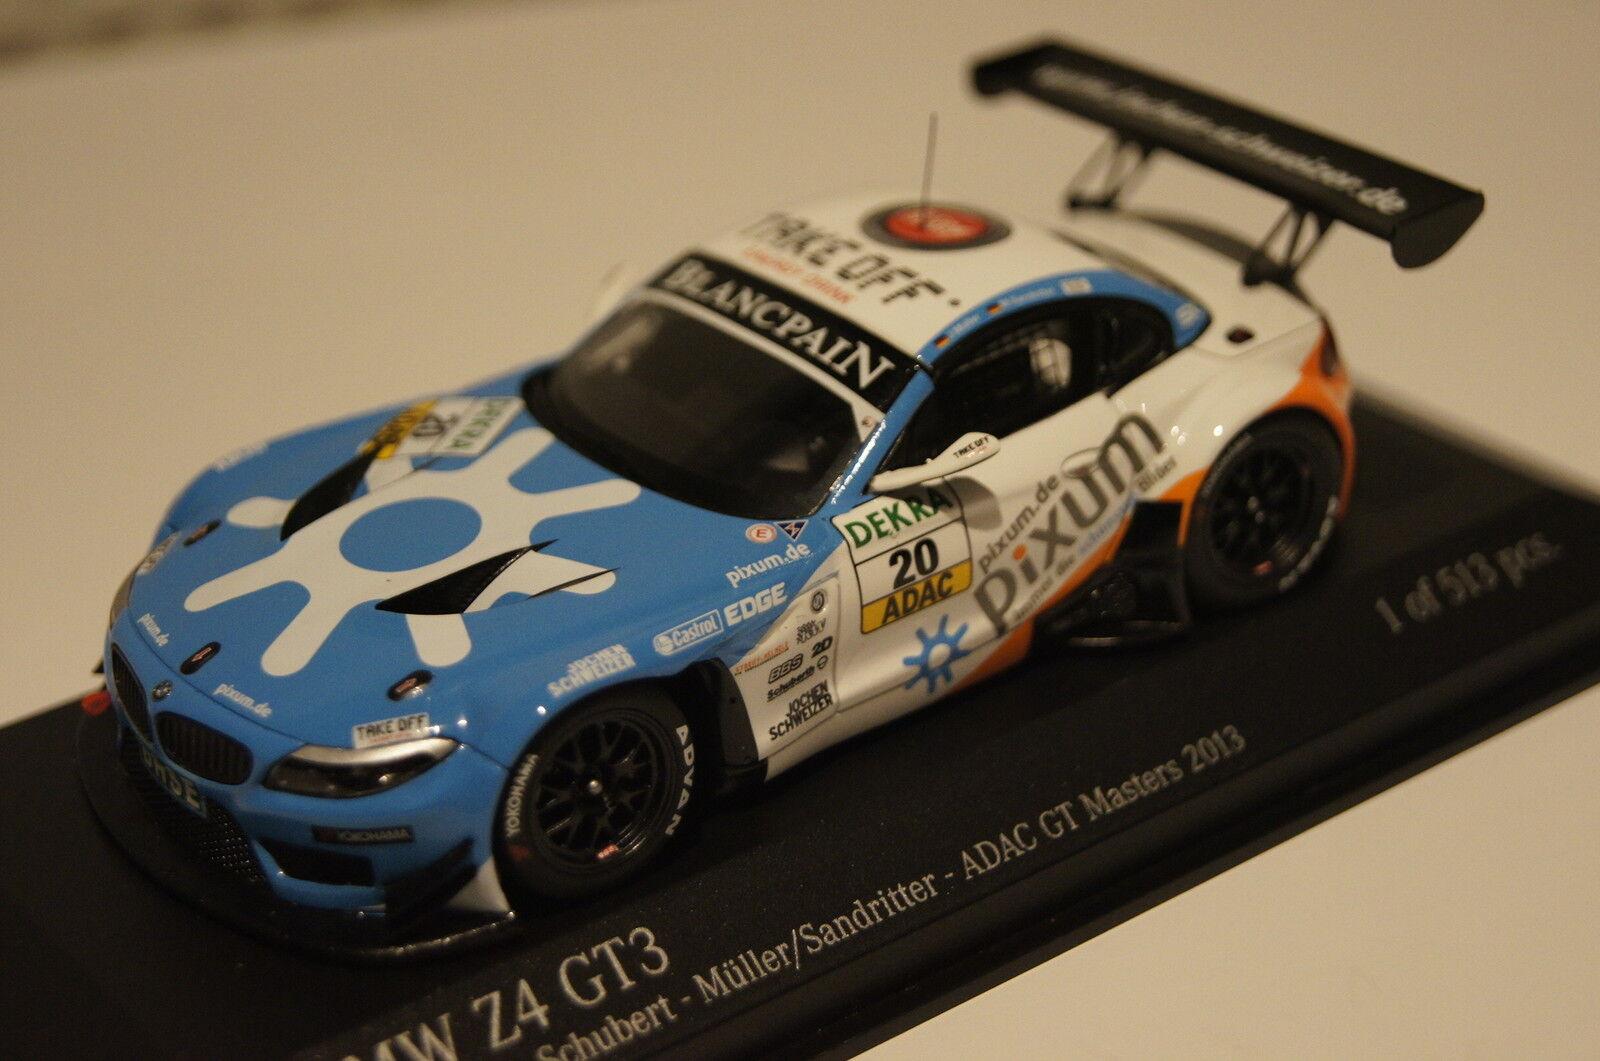 BMW Z4 GT3 Team Schubert ADAC GT Mast. 2013 2013 2013  1 43 Minichamps neu & OVP 437132420 4aefc4